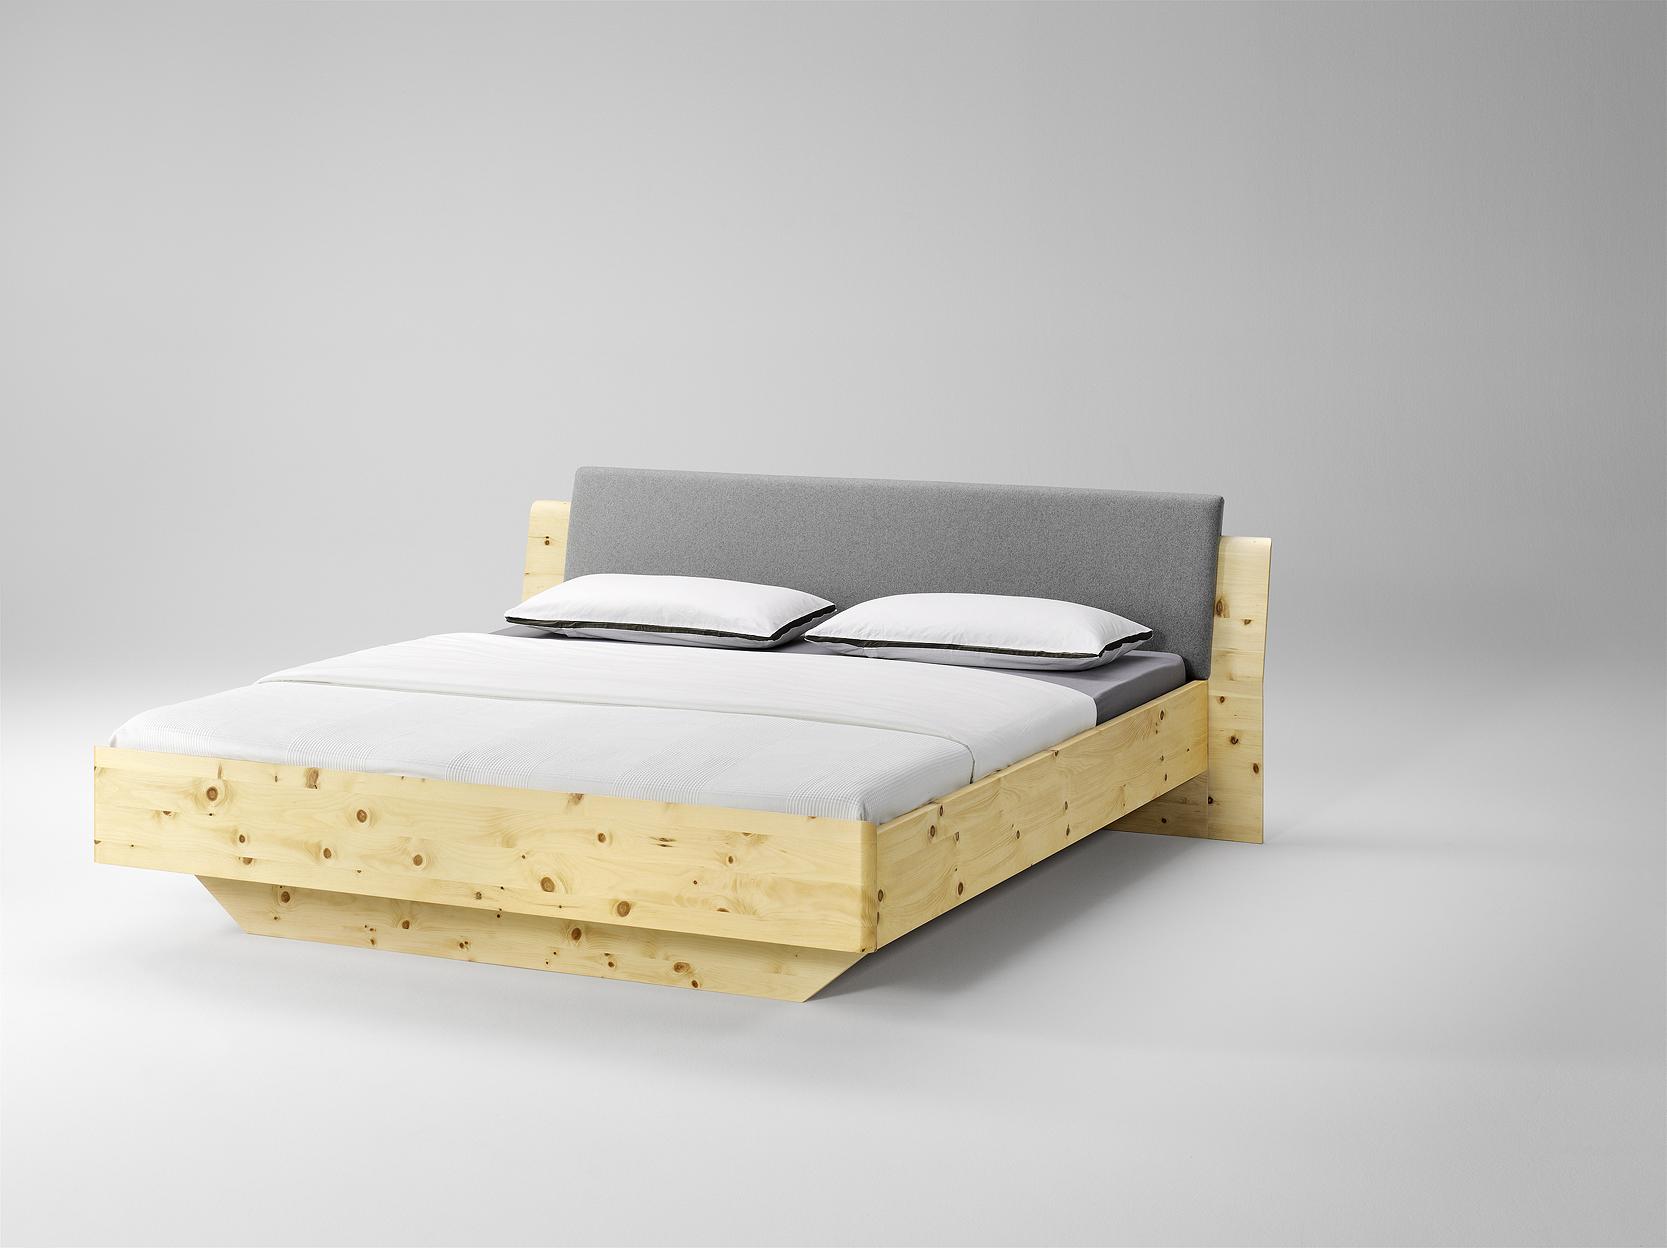 massivholz zirbenbett tares inkl. 2 nachtkästchen in oberfläche, Schlafzimmer entwurf